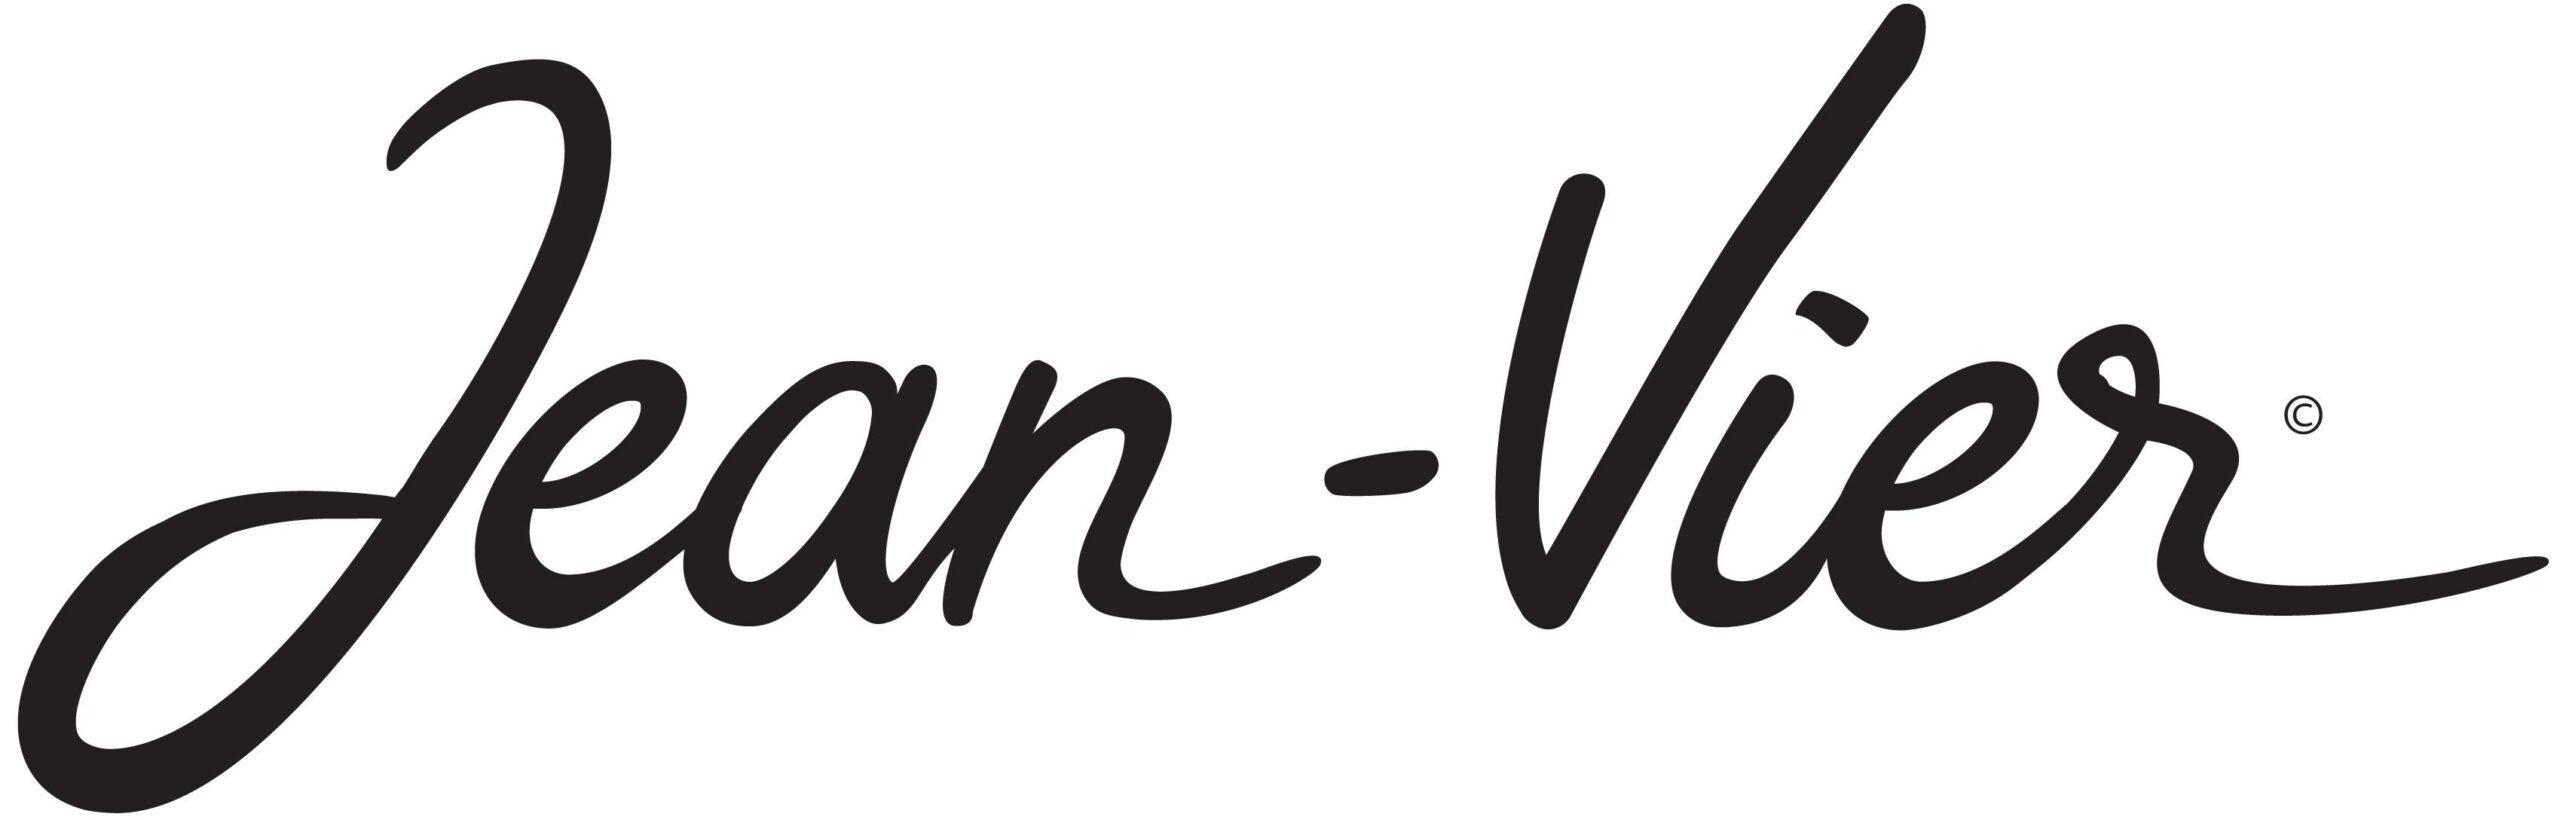 Jean-Vier